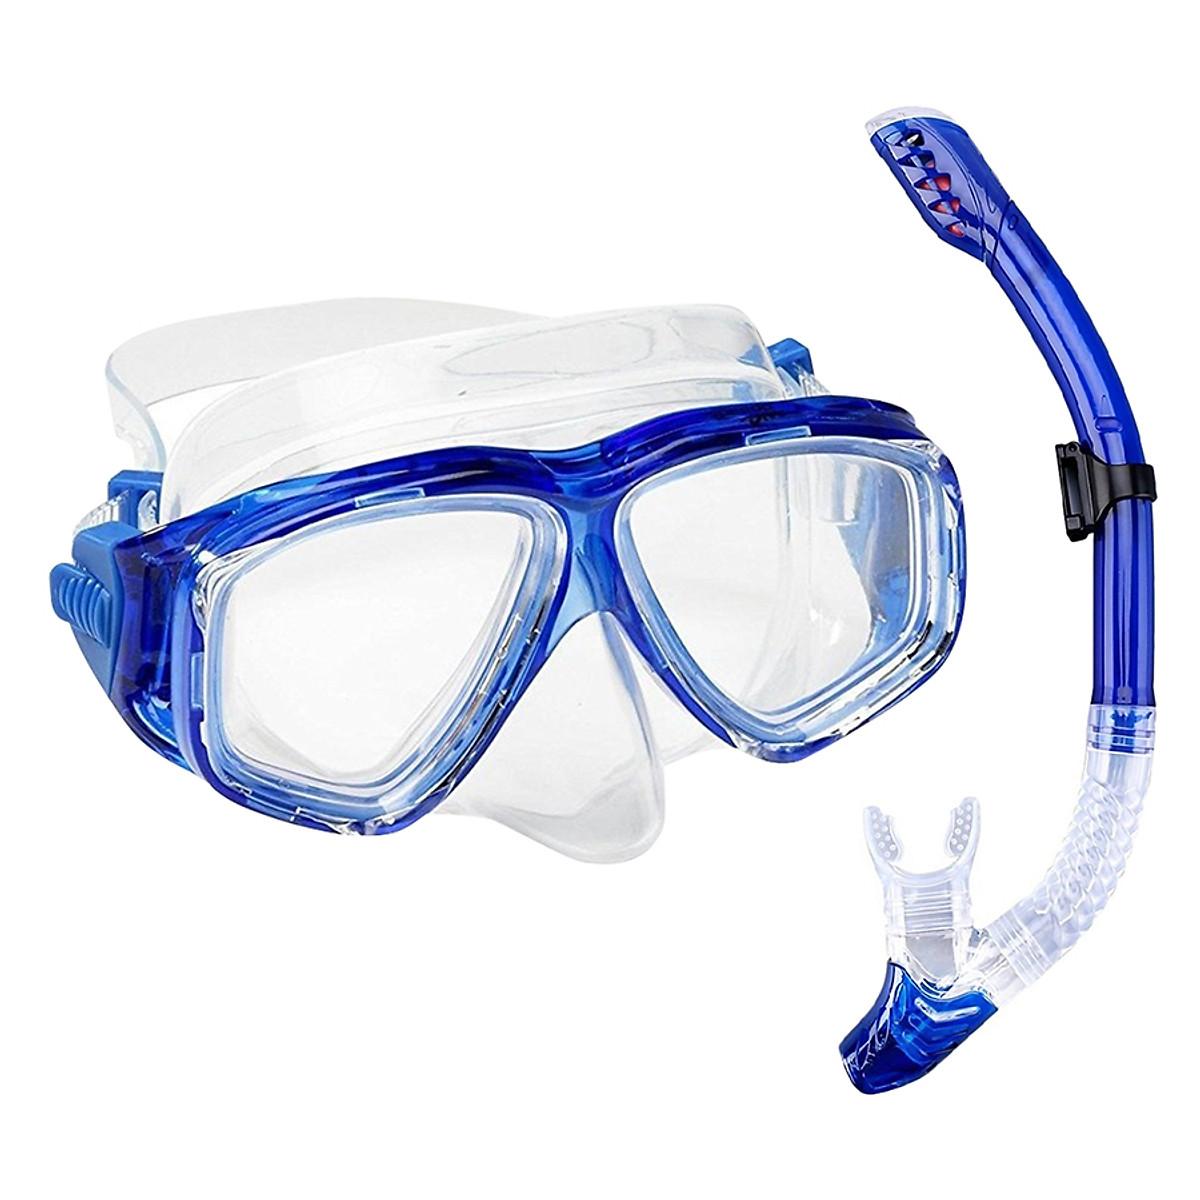 Mặt Nạ Lặn Ống Thở, Cận 7.0 Độ, Mắt Kính Cường Lực, Ống Thở Ngăn Nước POPO Myopia-Mask-Set-7.0 - 2